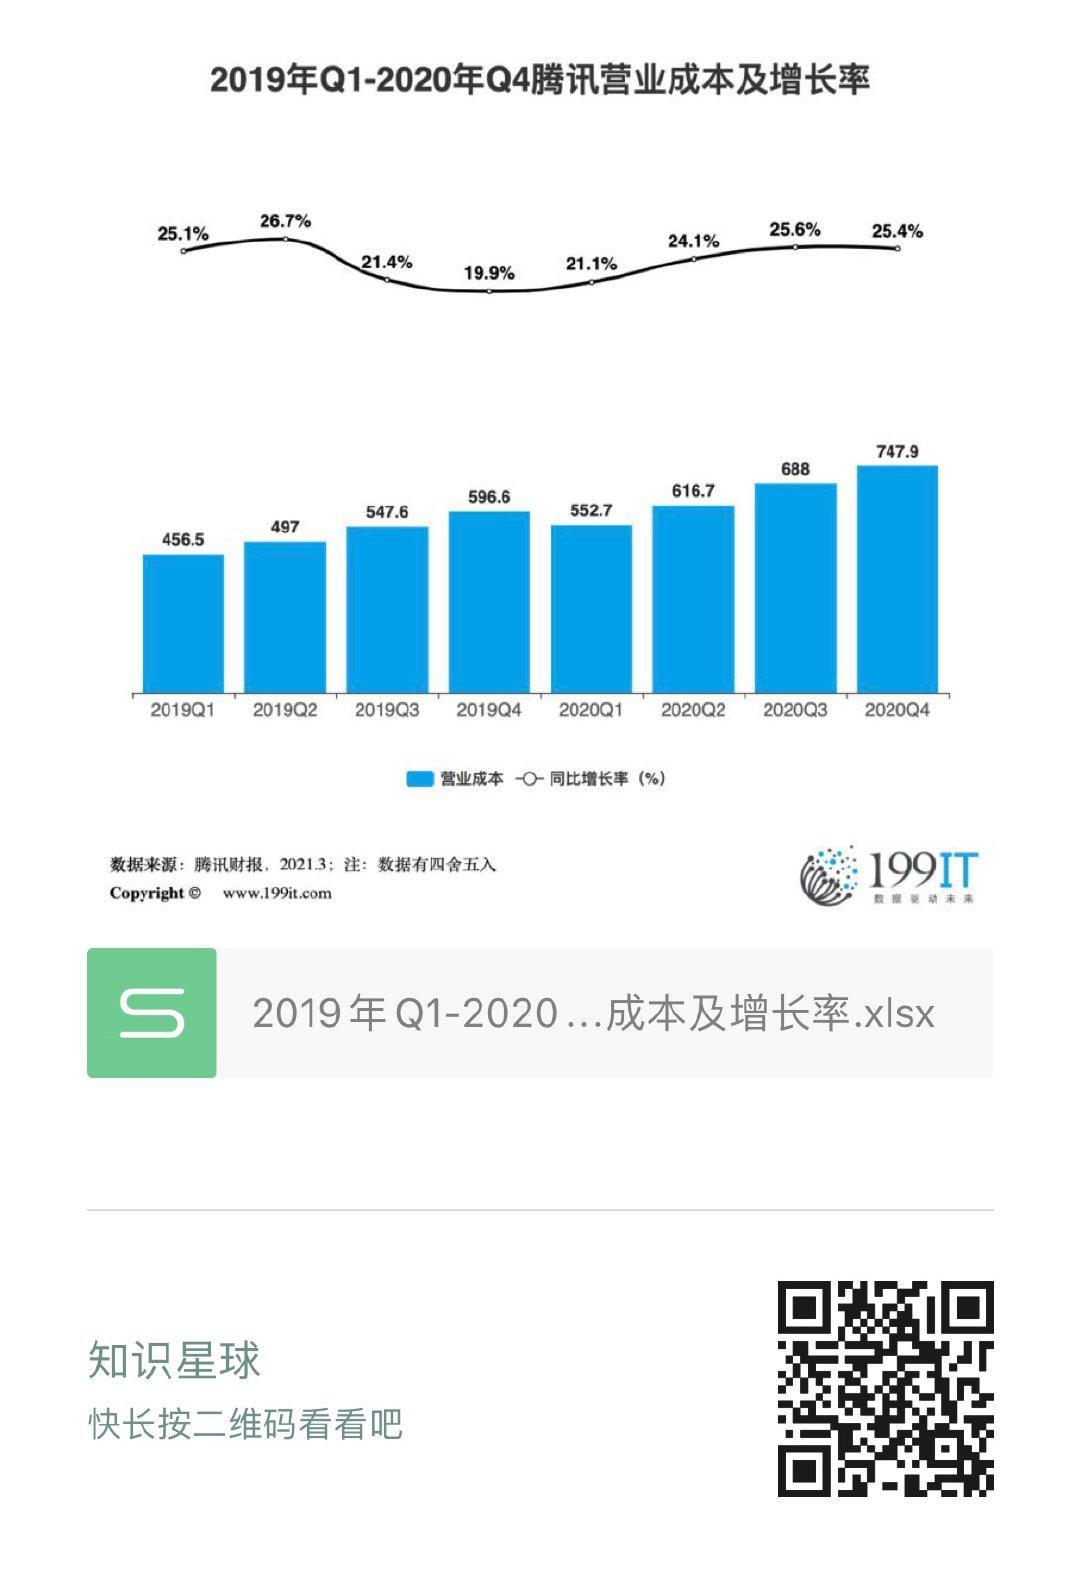 2019年Q1-2020年Q4騰訊營業成本及增長率(附原資料表) 